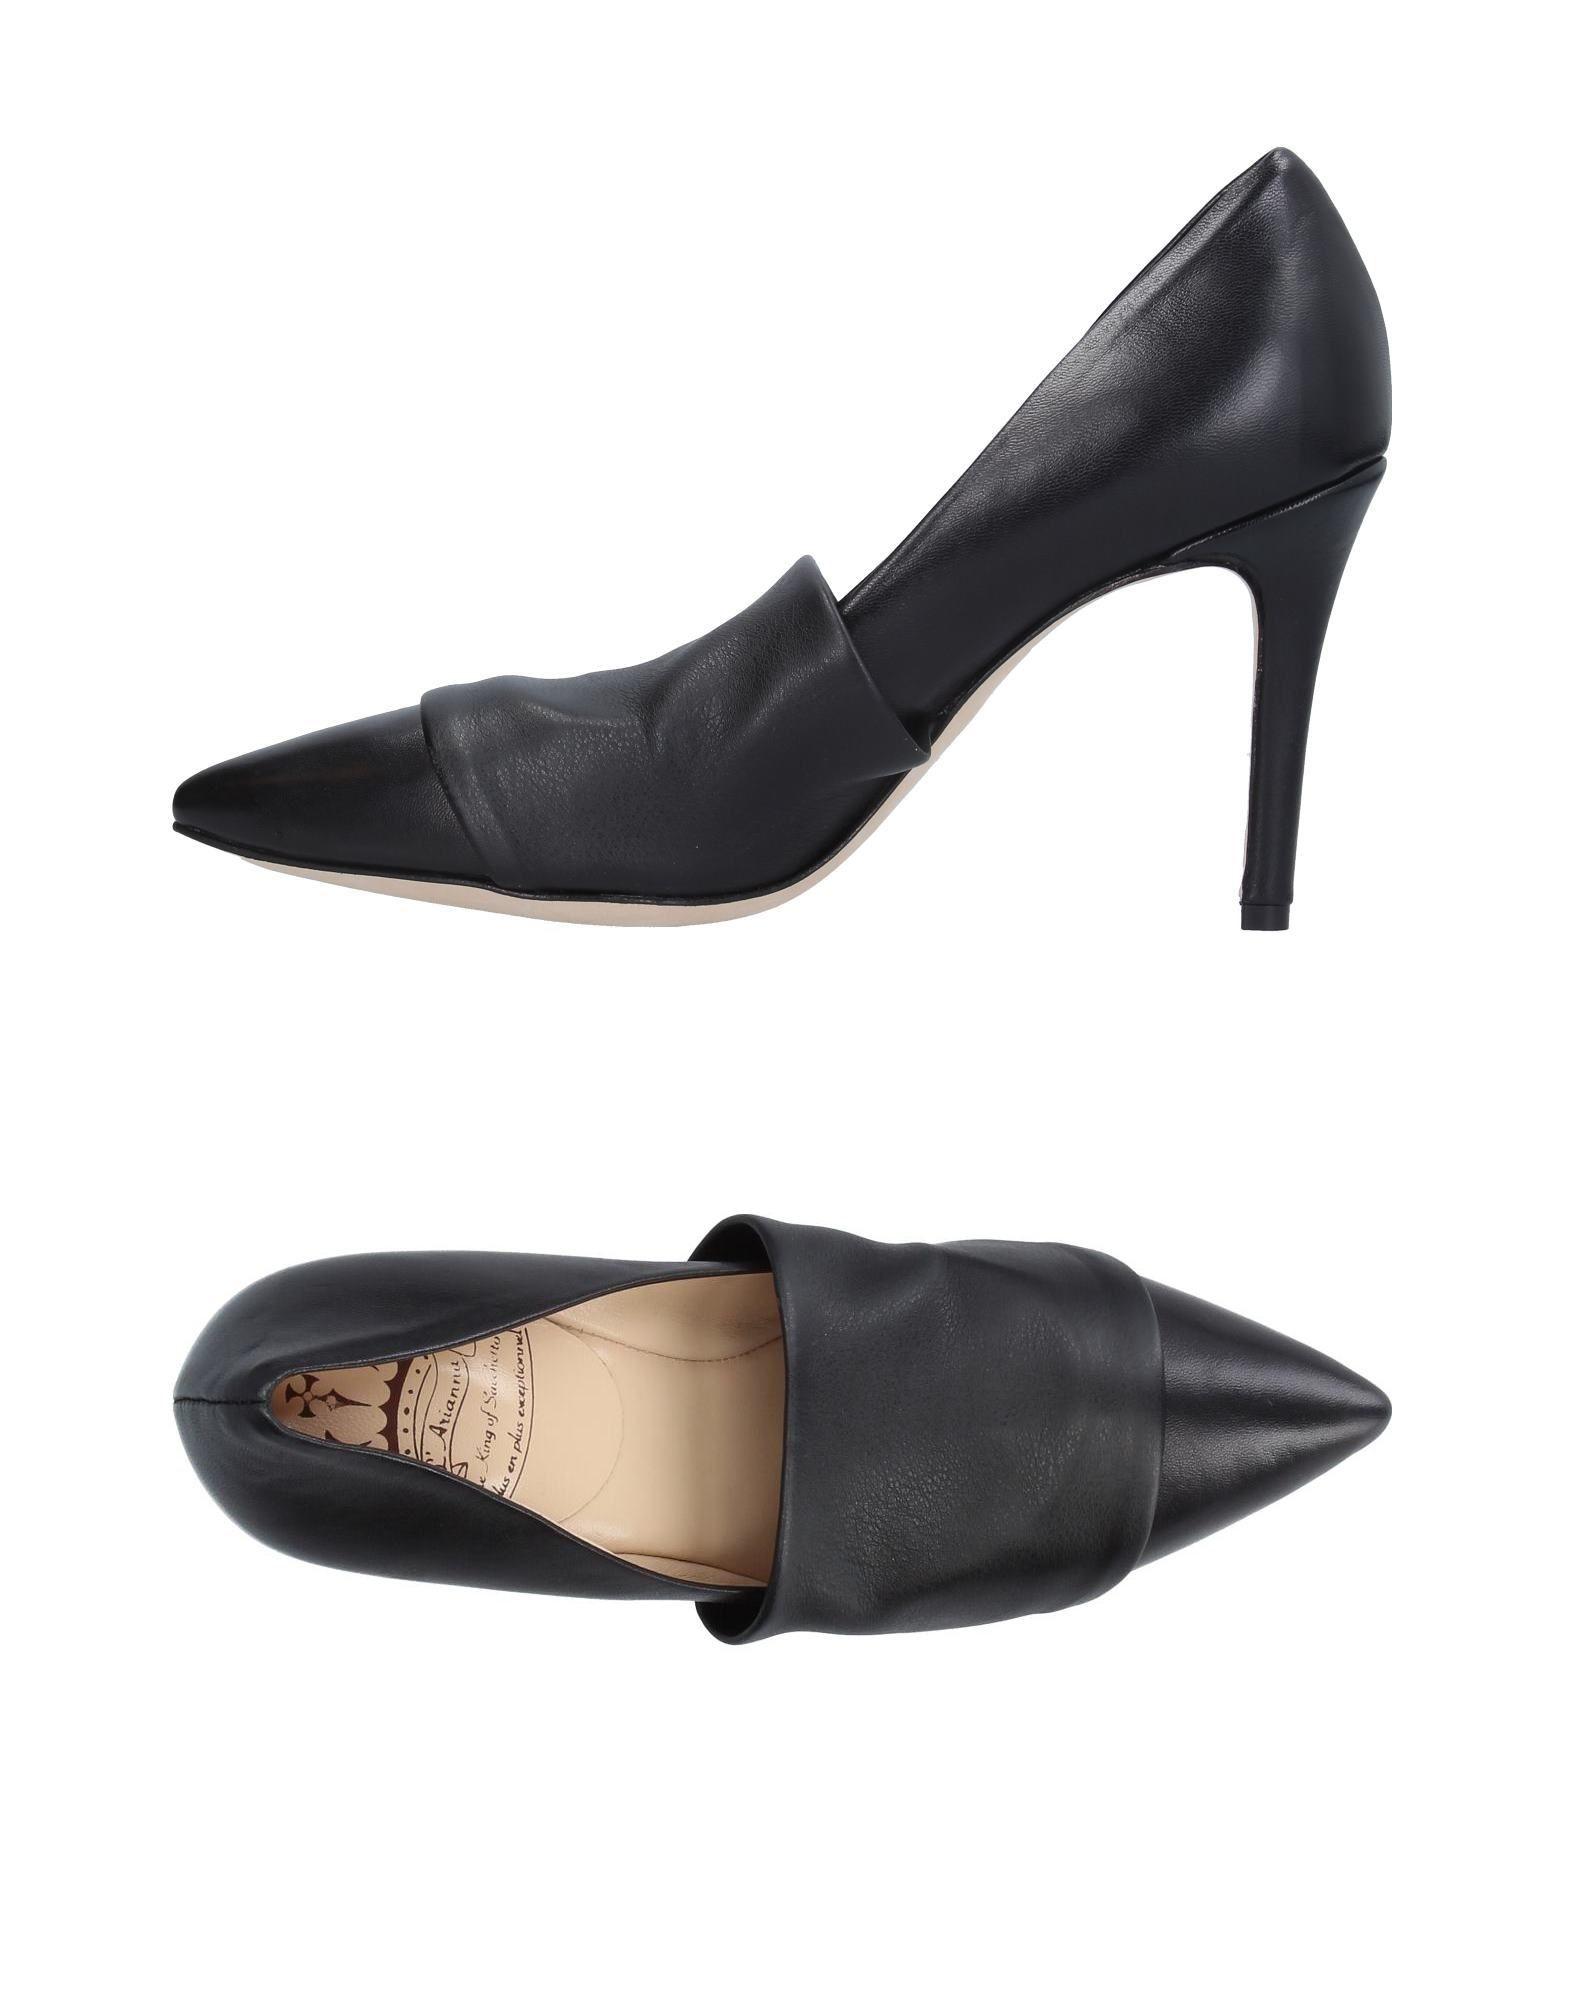 L'arianna Pumps Damen  11315047LF 11315047LF 11315047LF Gute Qualität beliebte Schuhe 37fab3